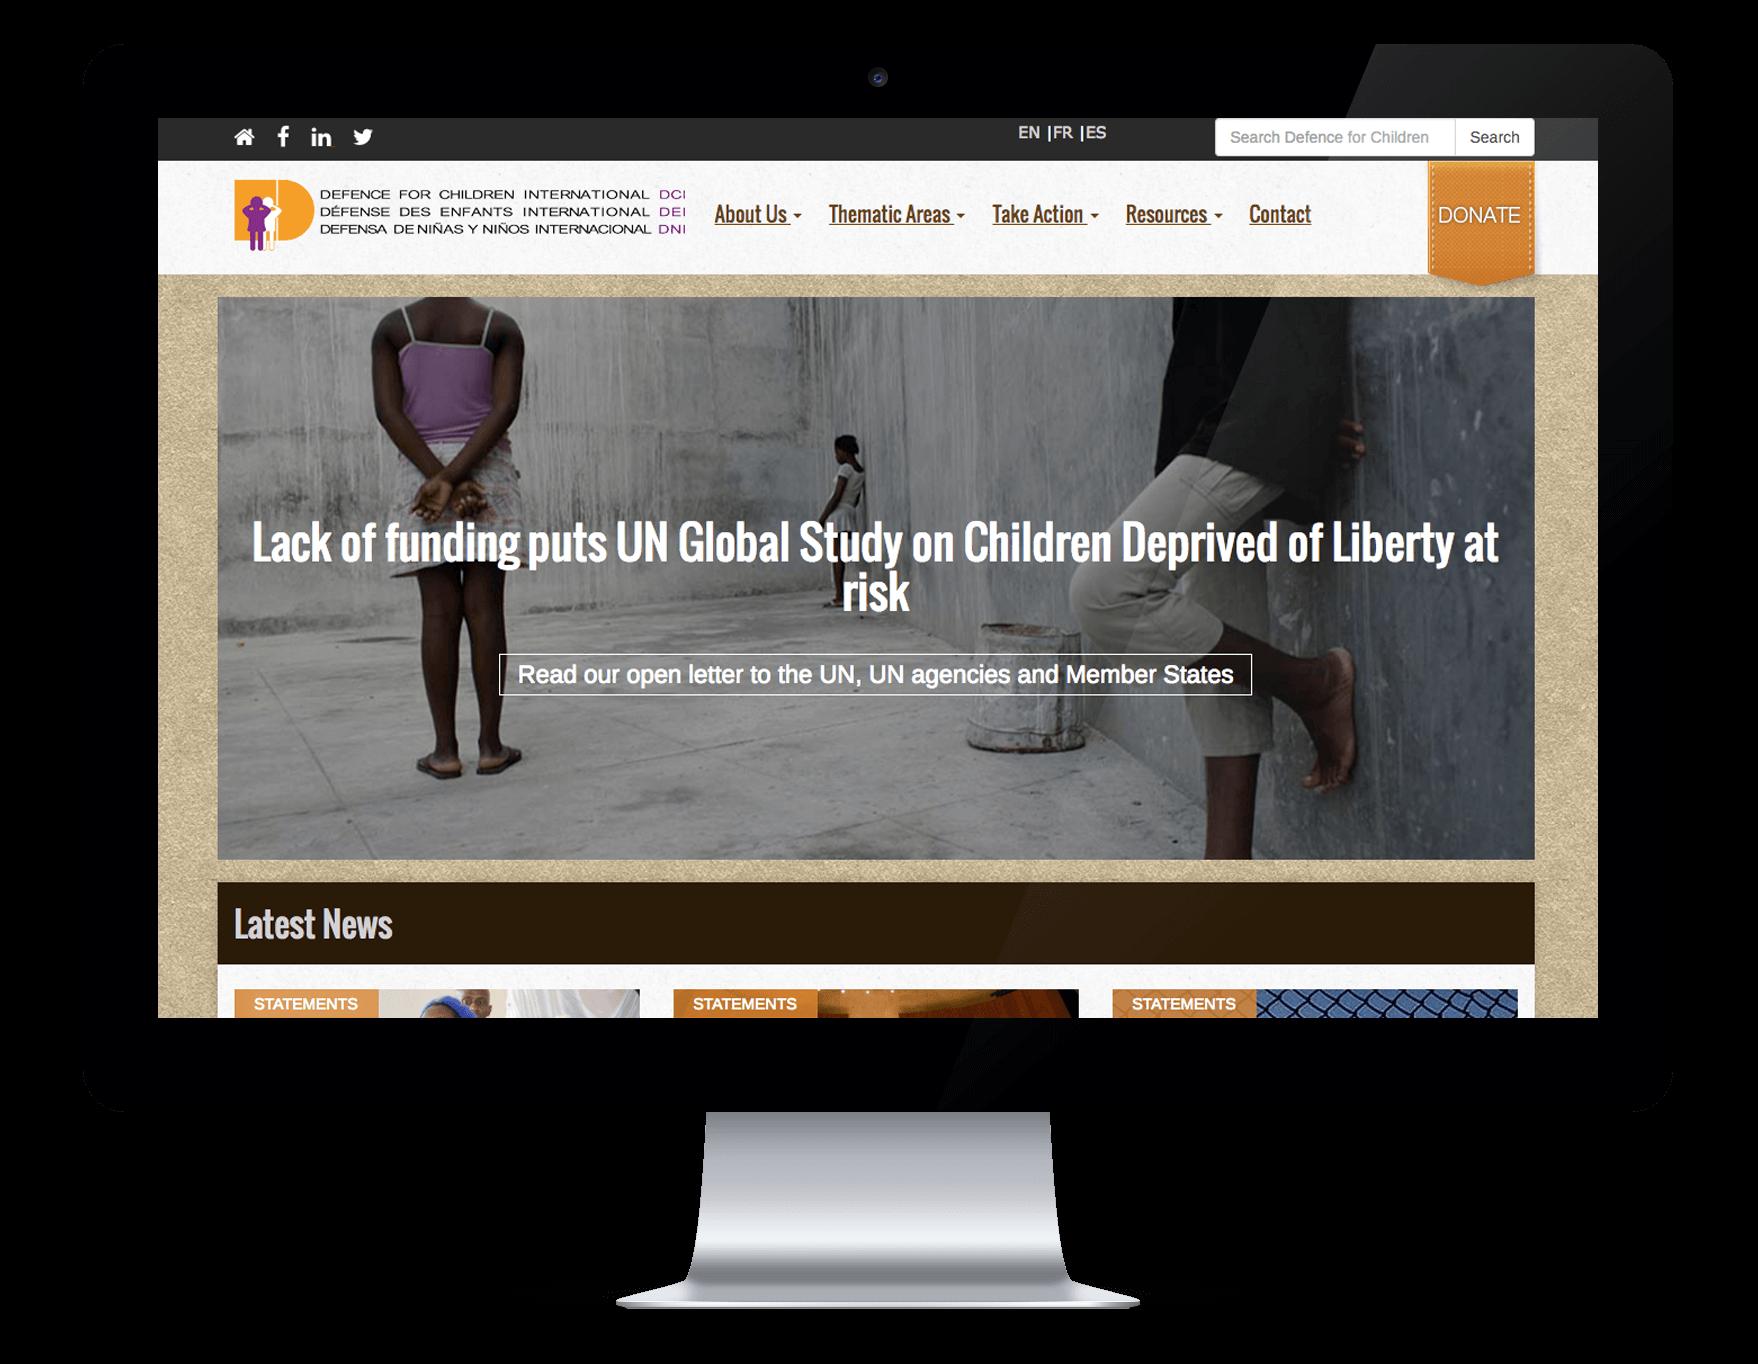 Capture du site internet Defence for Children